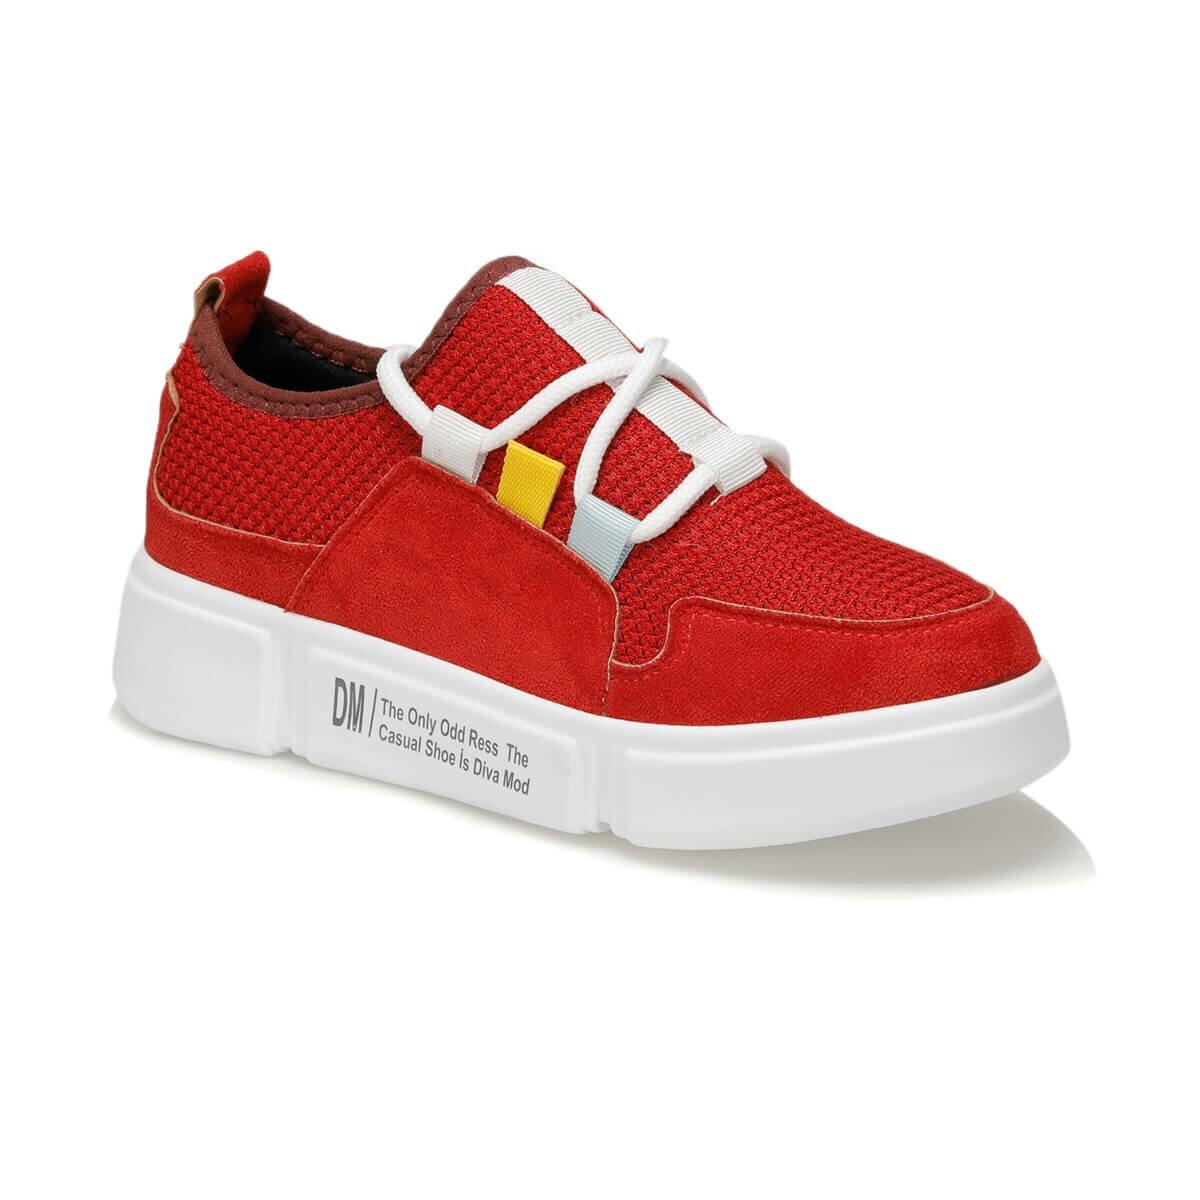 FLO CHEN51Z Red Women 'S Sneaker Shoes BUTIGO